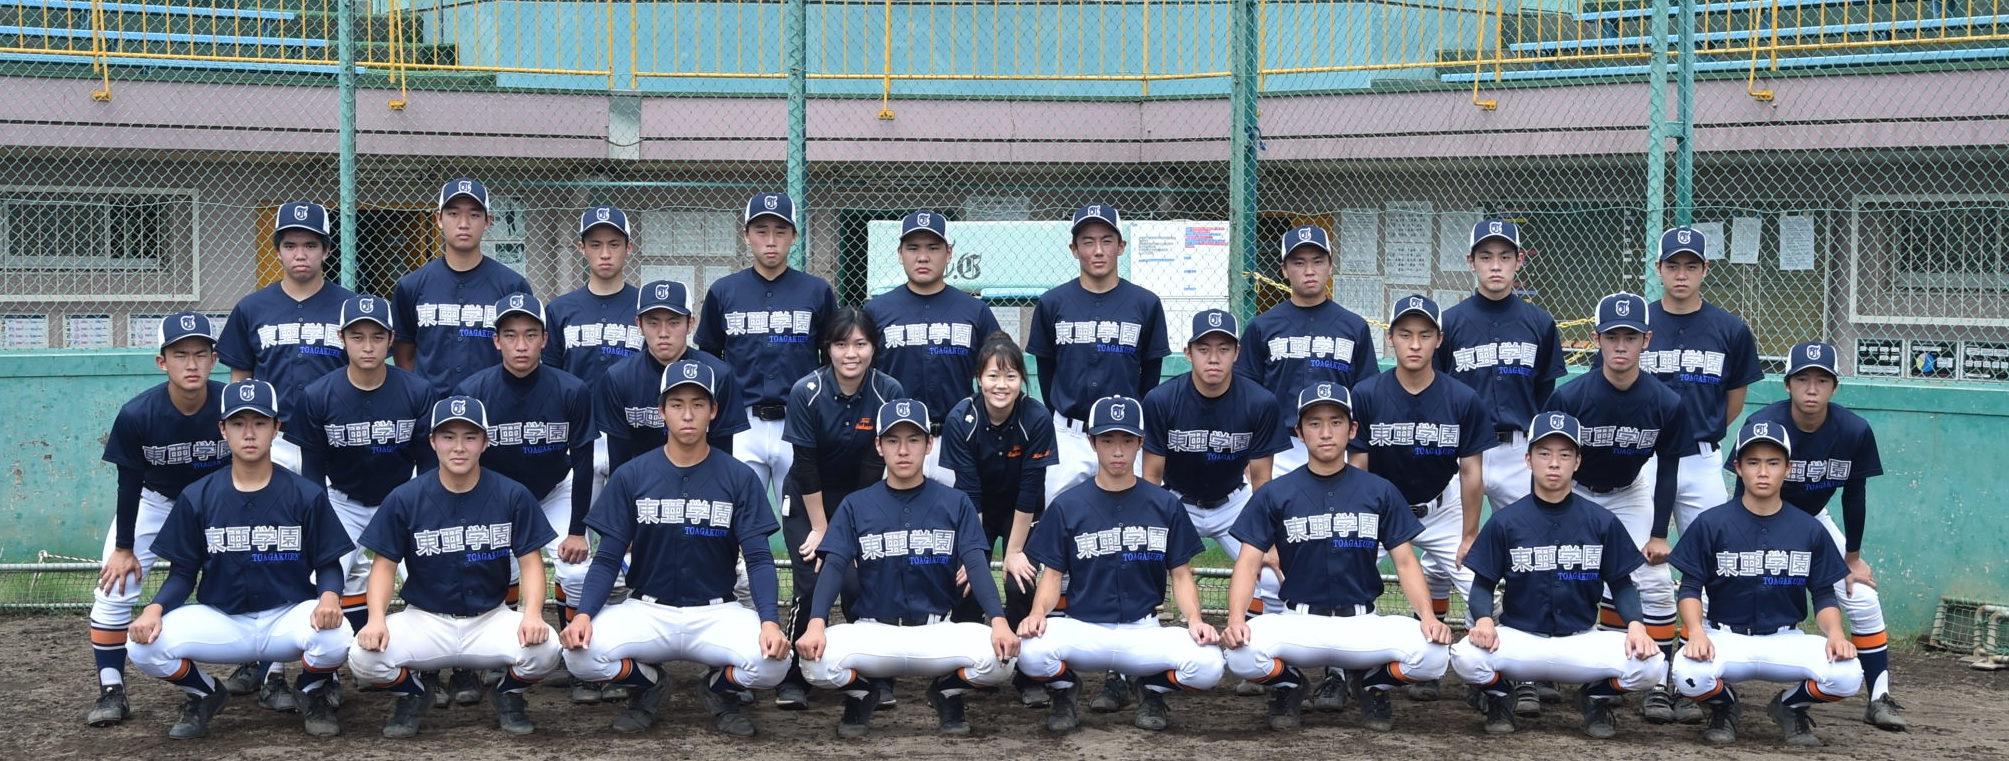 【東亜学園 野球部】「新たなスタイル」